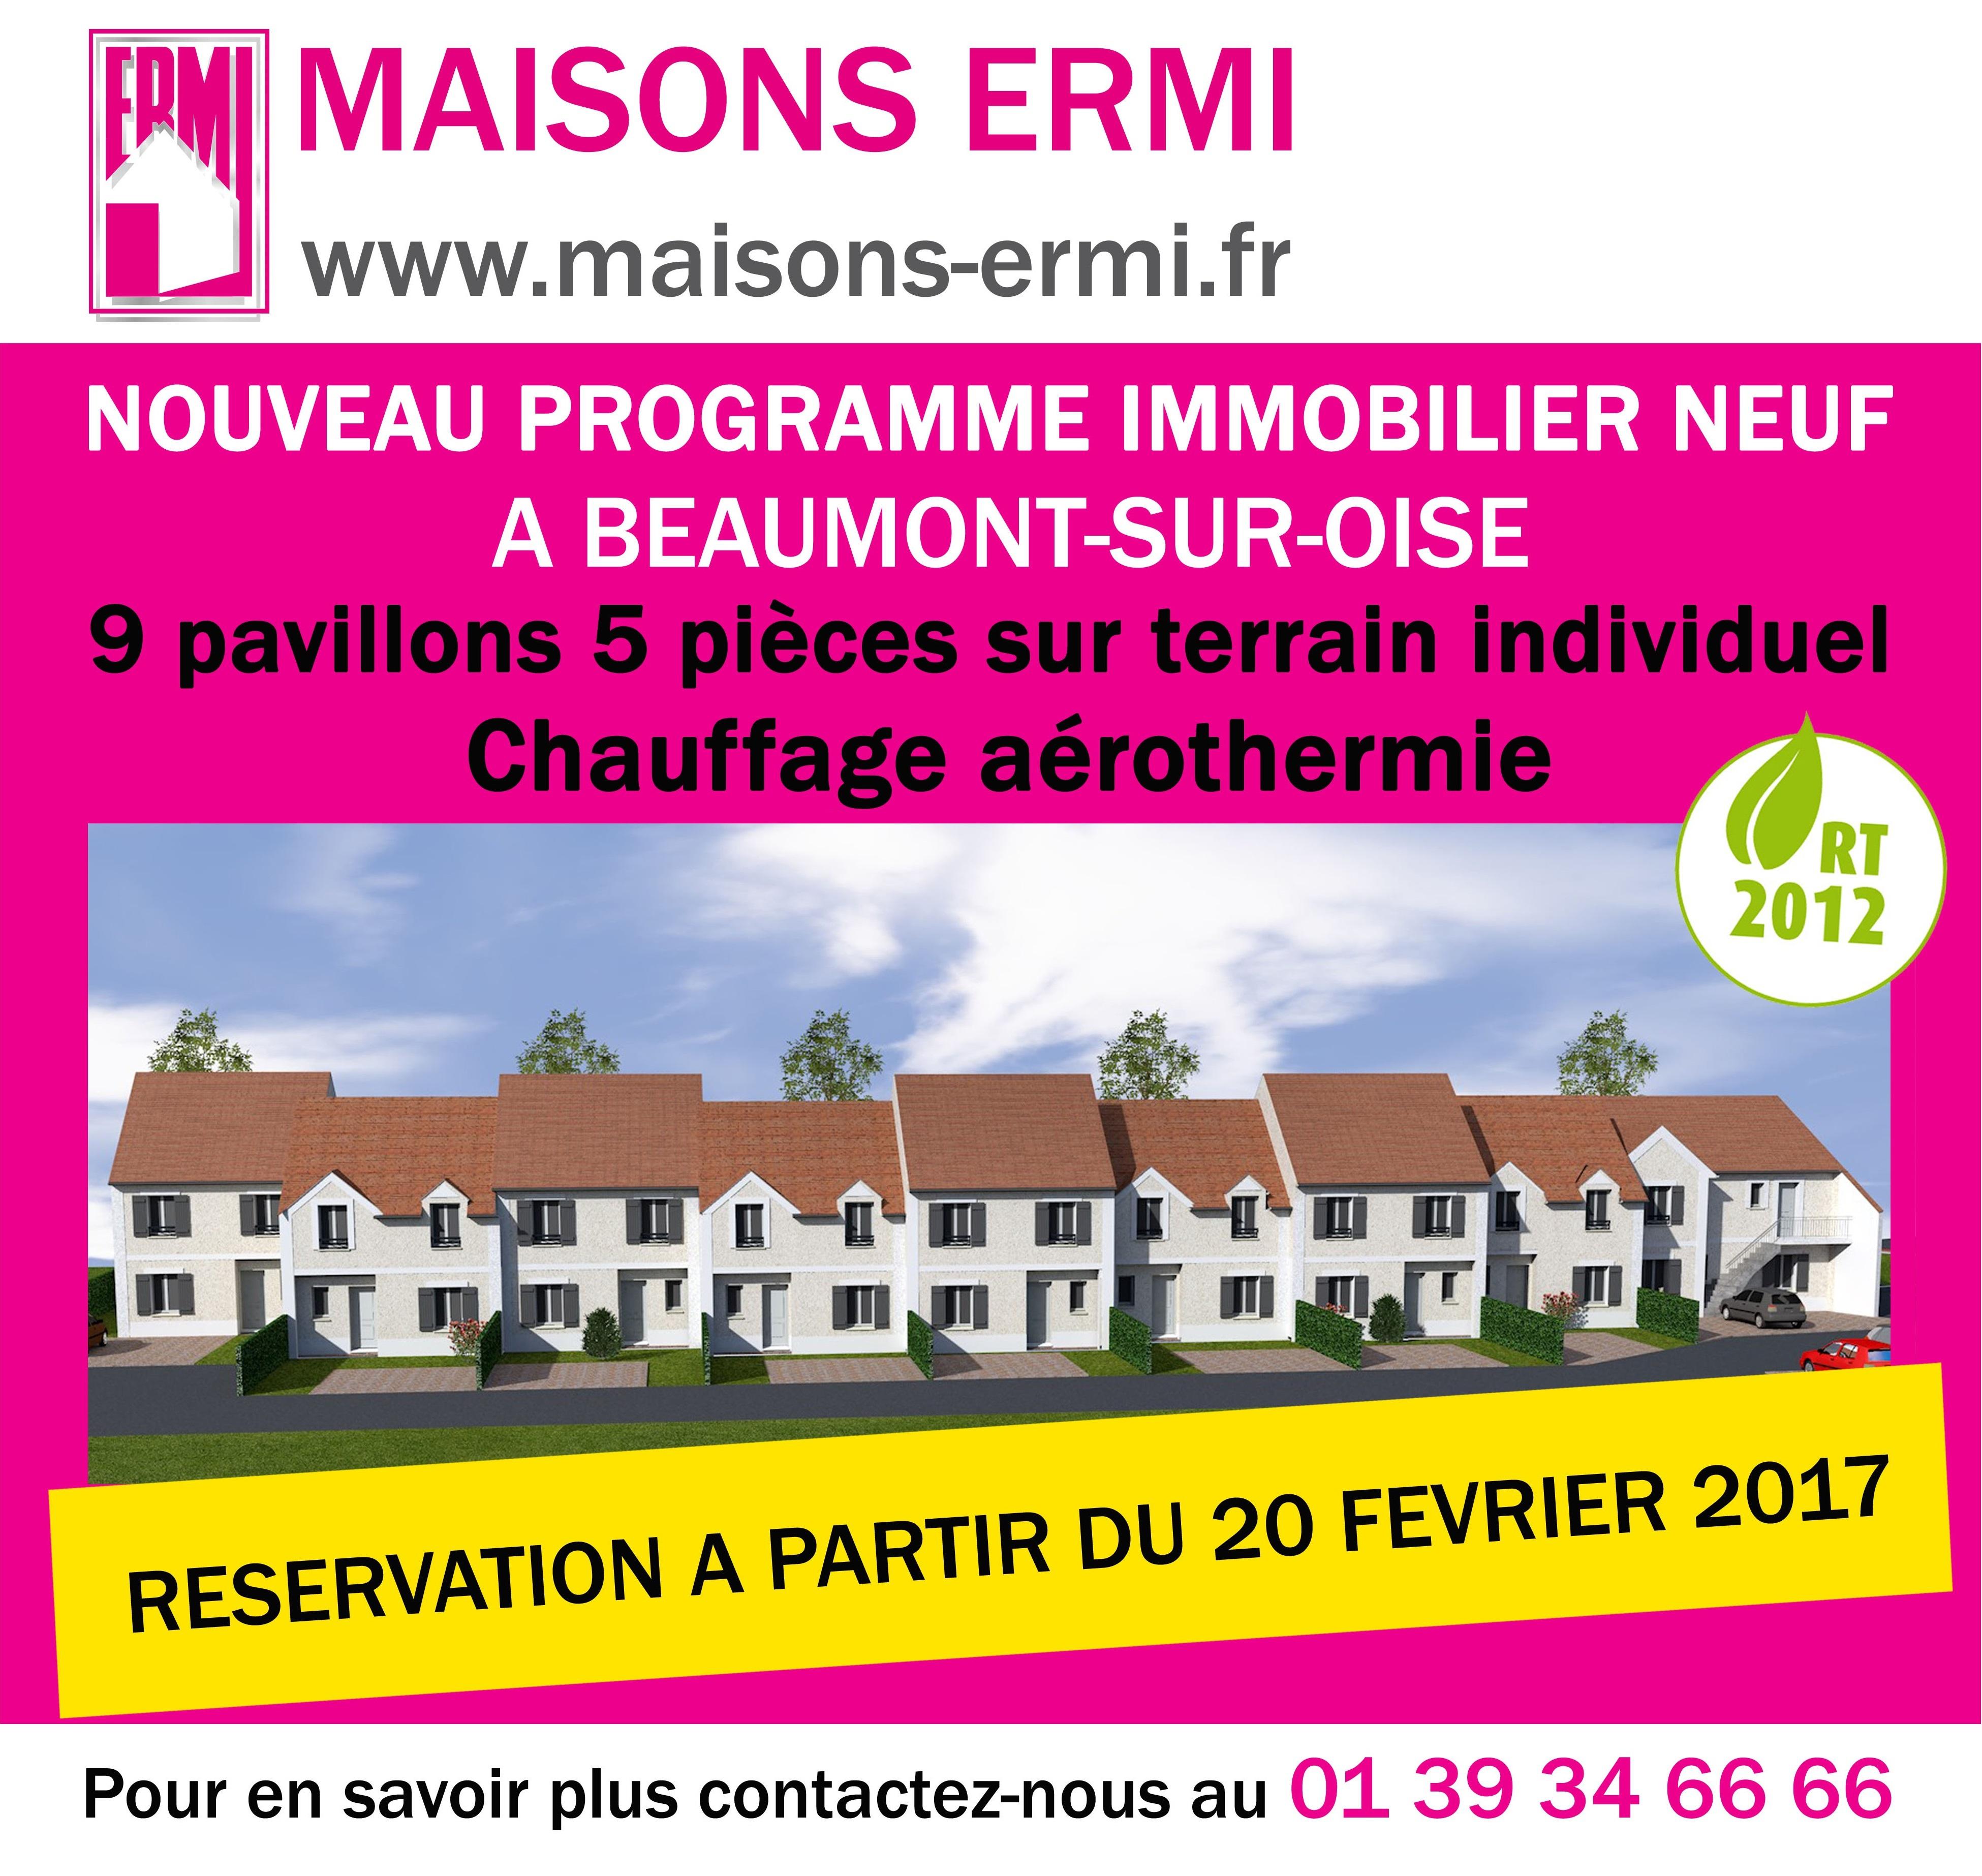 Maisons ermi nouveau programme immobilier neuf for Programme immobilier neuf maison